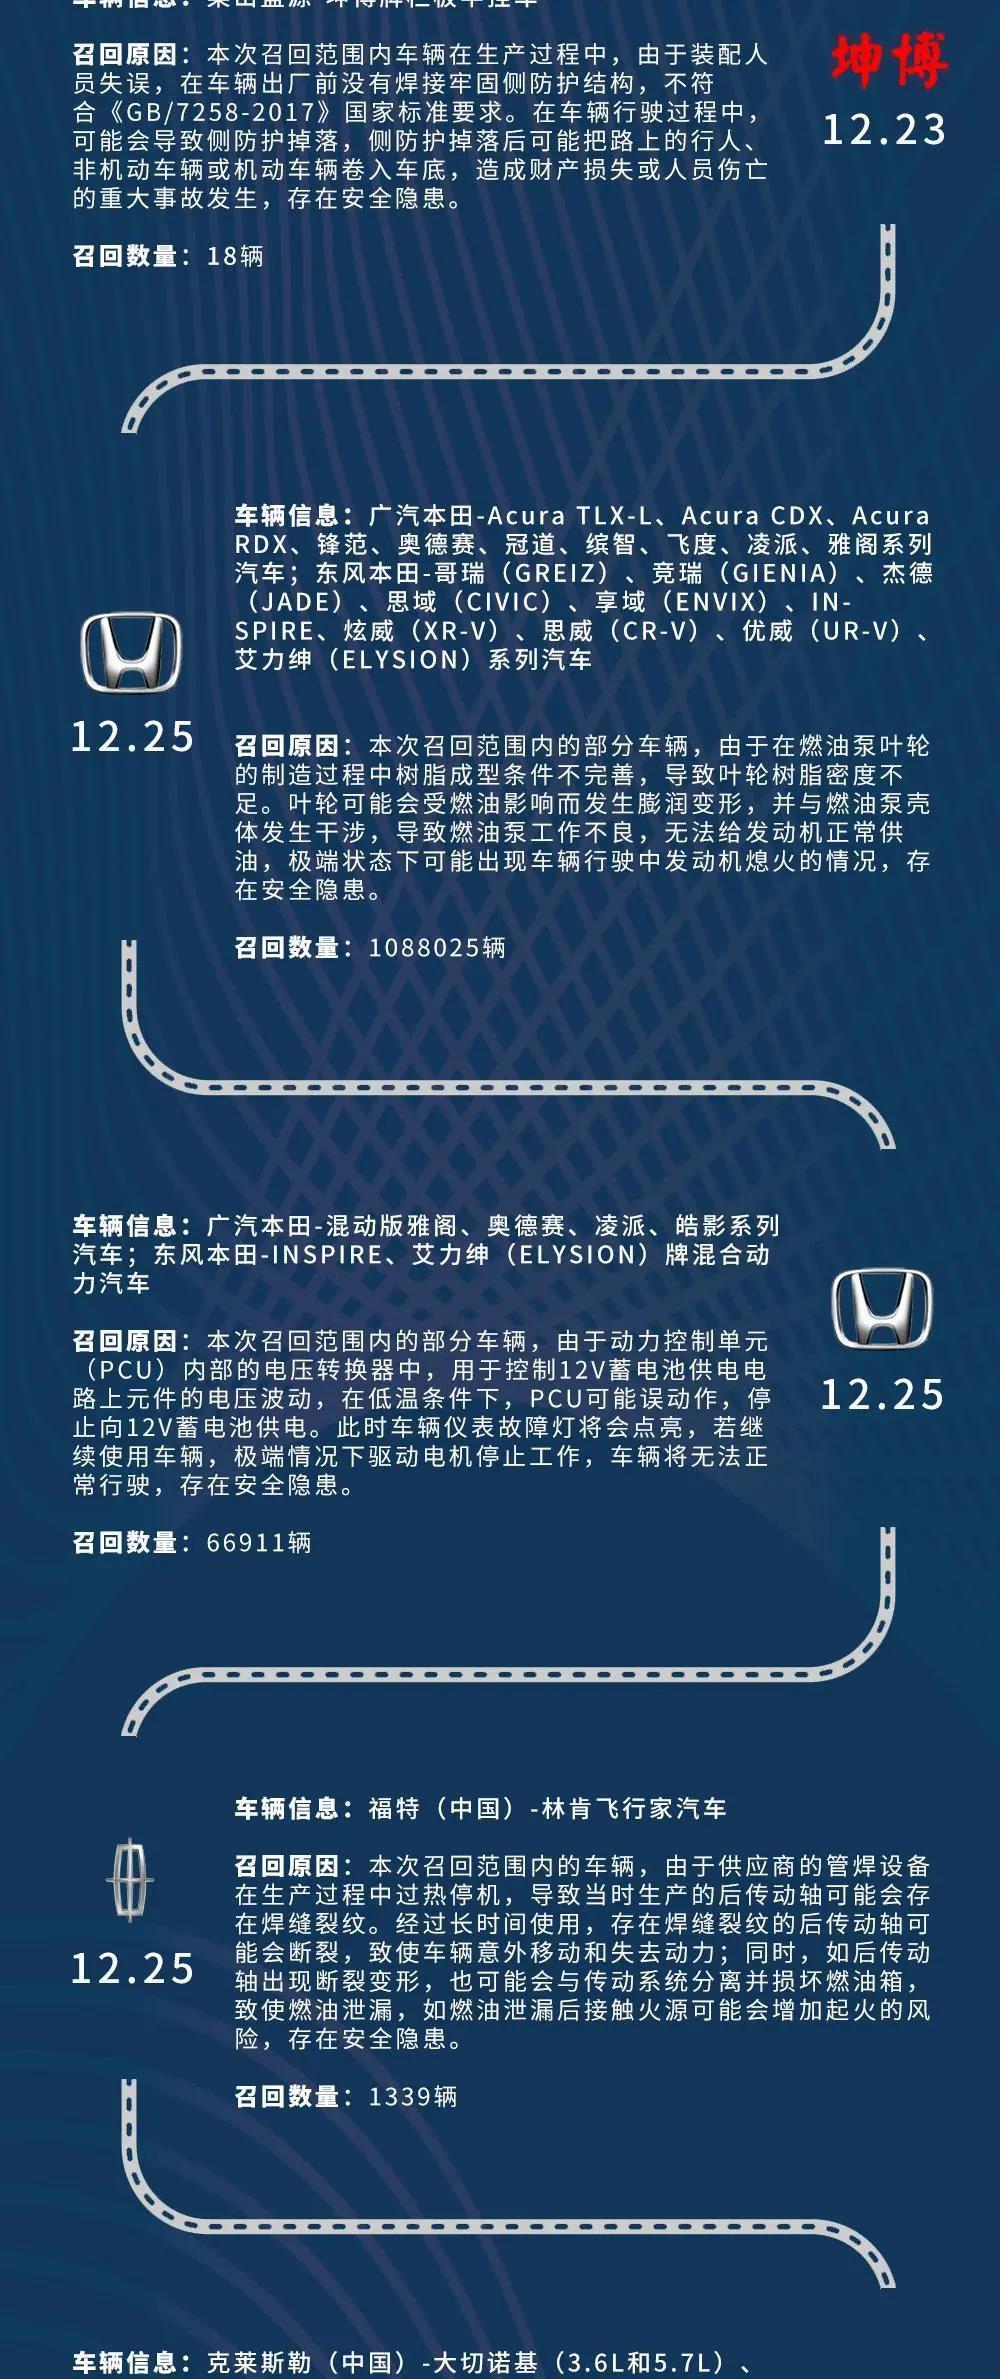 开创证券、疑达证券两家北京券商上市指点神同步 谁无机会抢先?